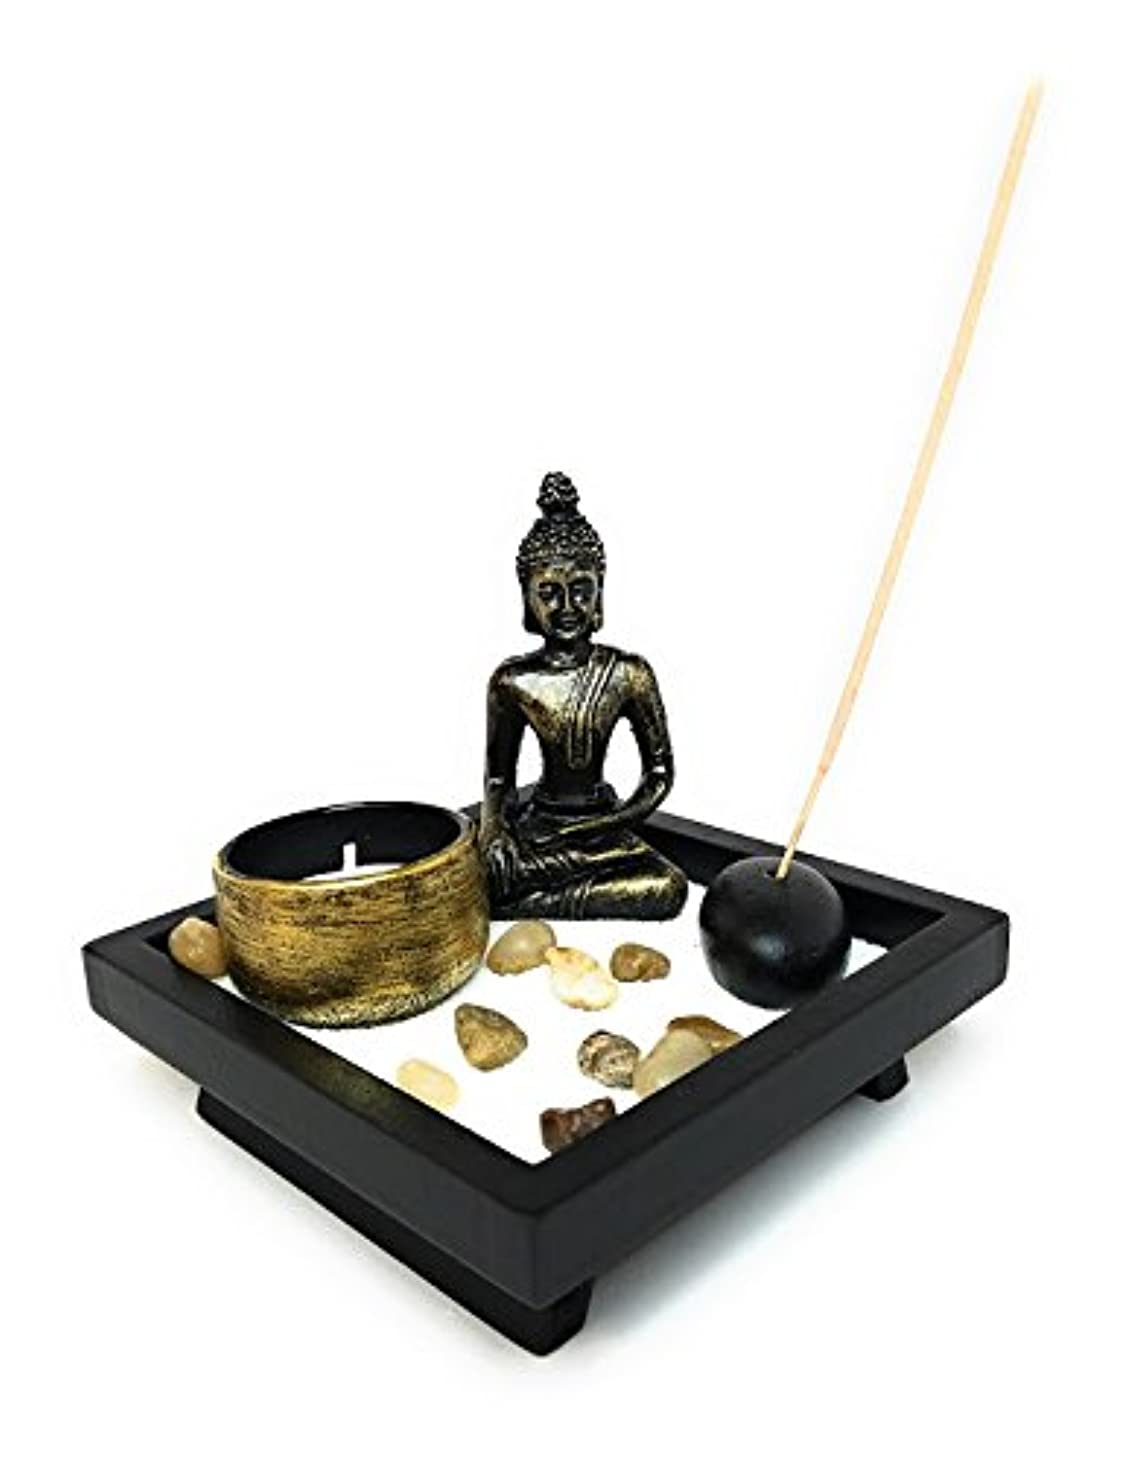 後ろに論争的暗唱するZen Garden with Buddha、Tea Light Candle and Incense Holder – Perfect for瞑想( 5